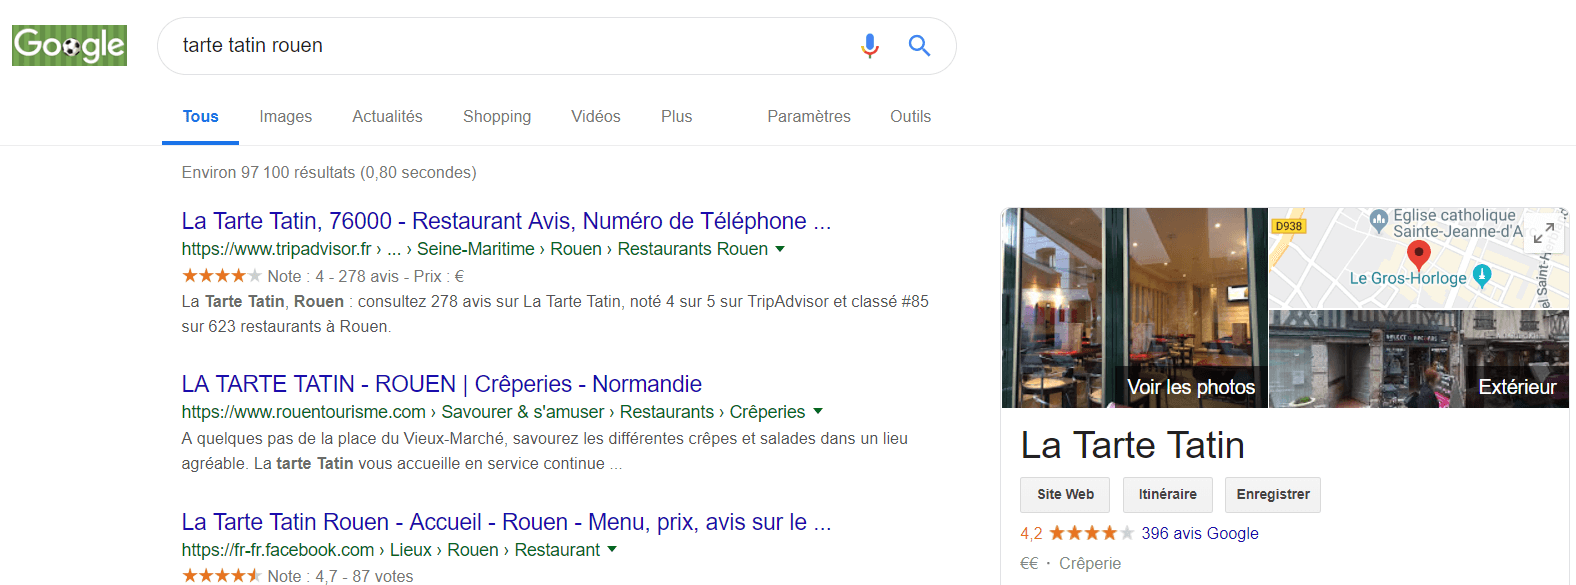 exemple avis clients Google restaurant Tarte Tatin Rouen 1